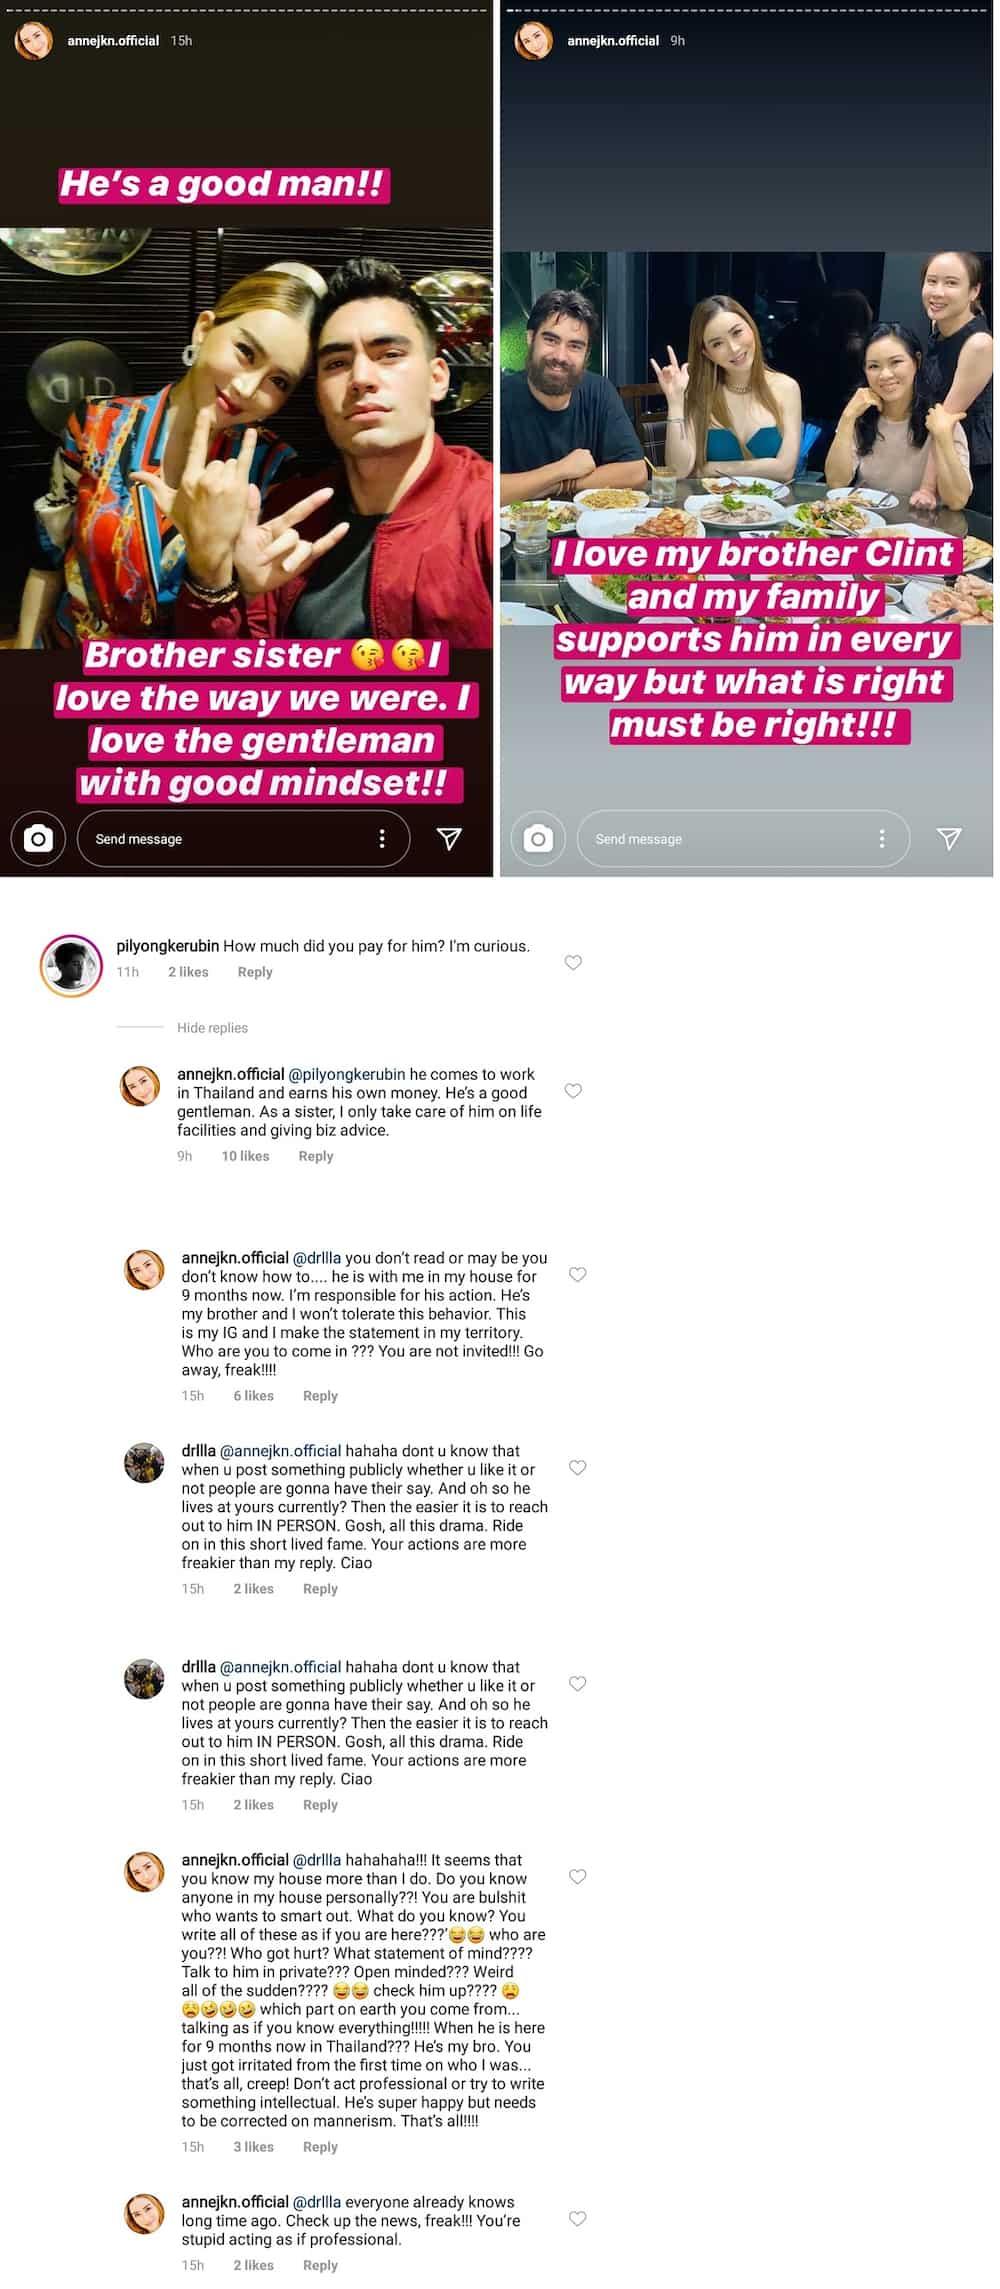 Thai trans woman explains her deep connection to Clint Bondad & his behavior